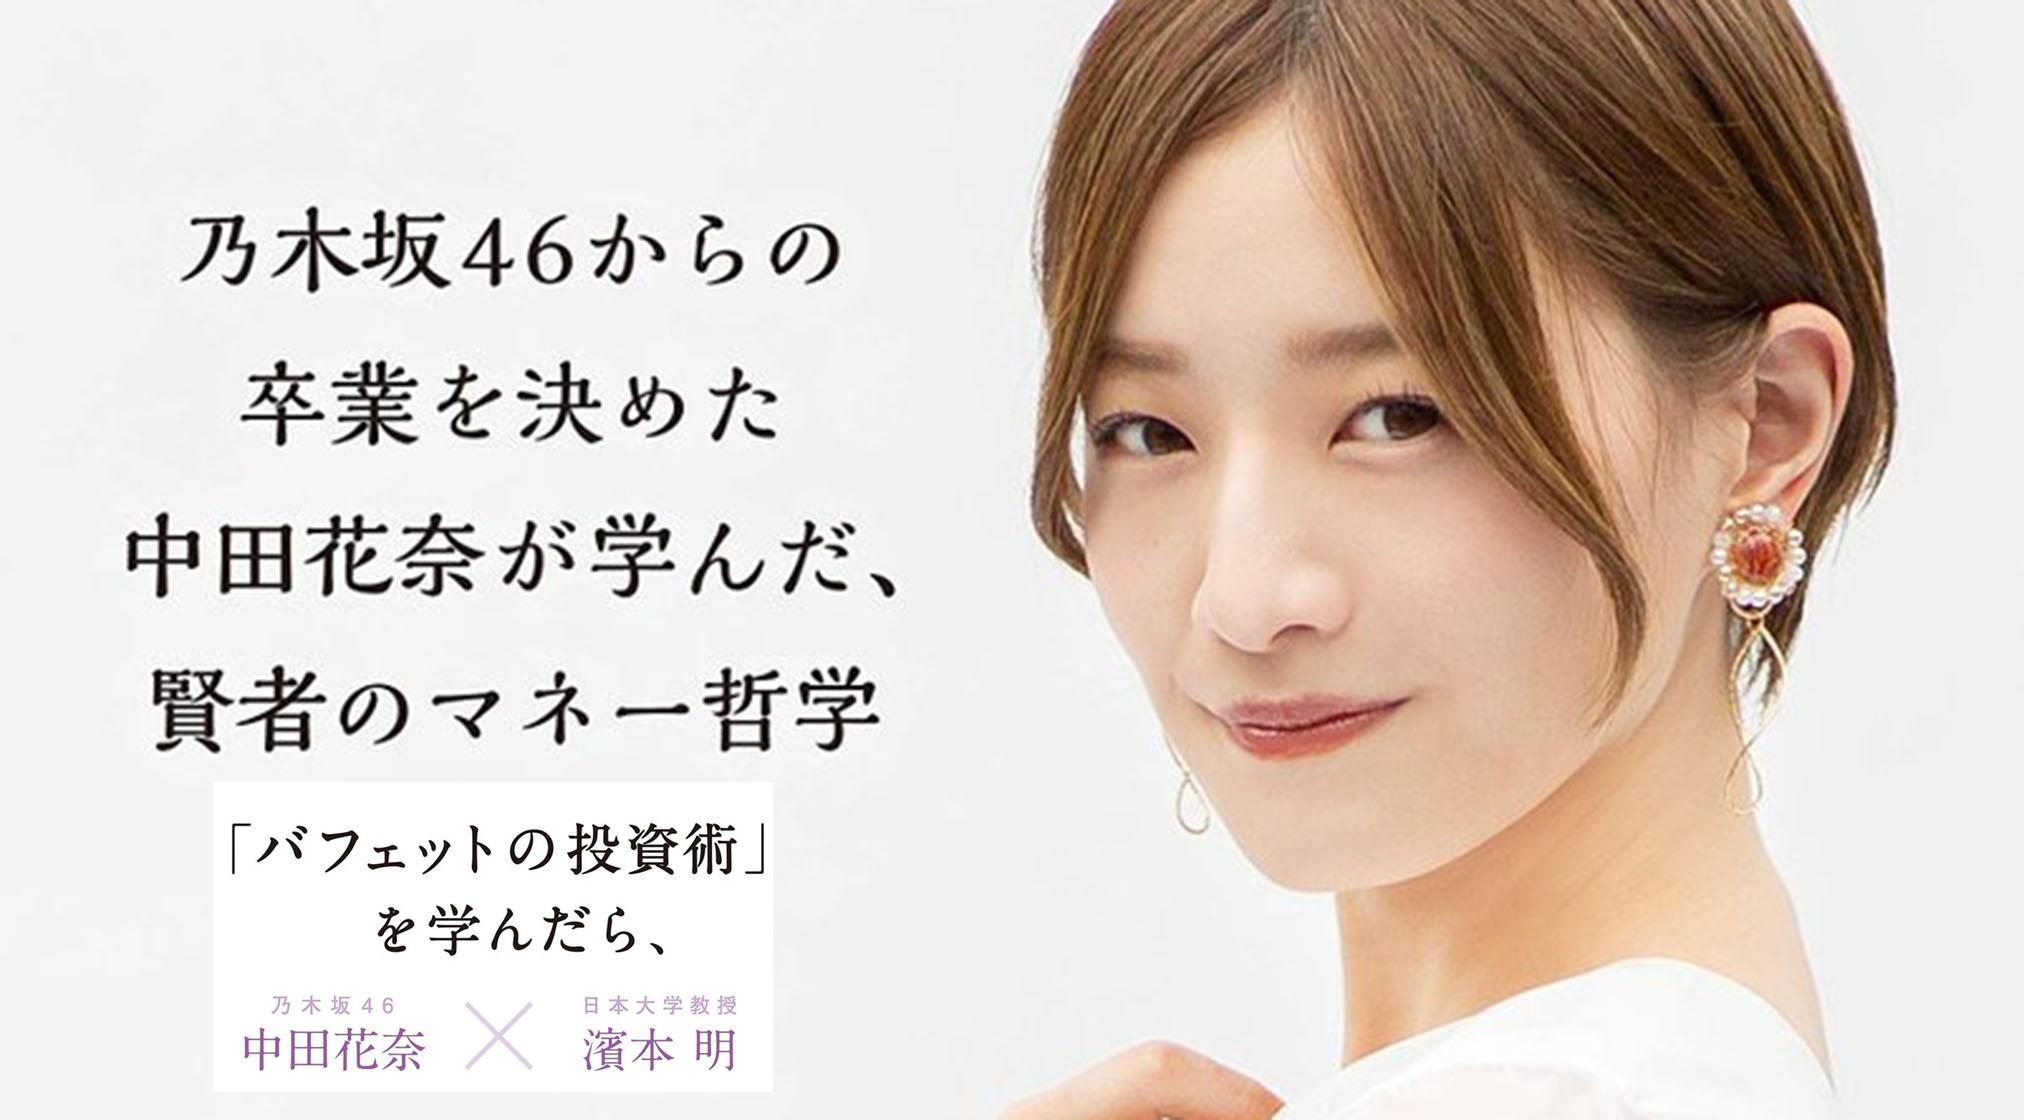 中田花奈 バフェット